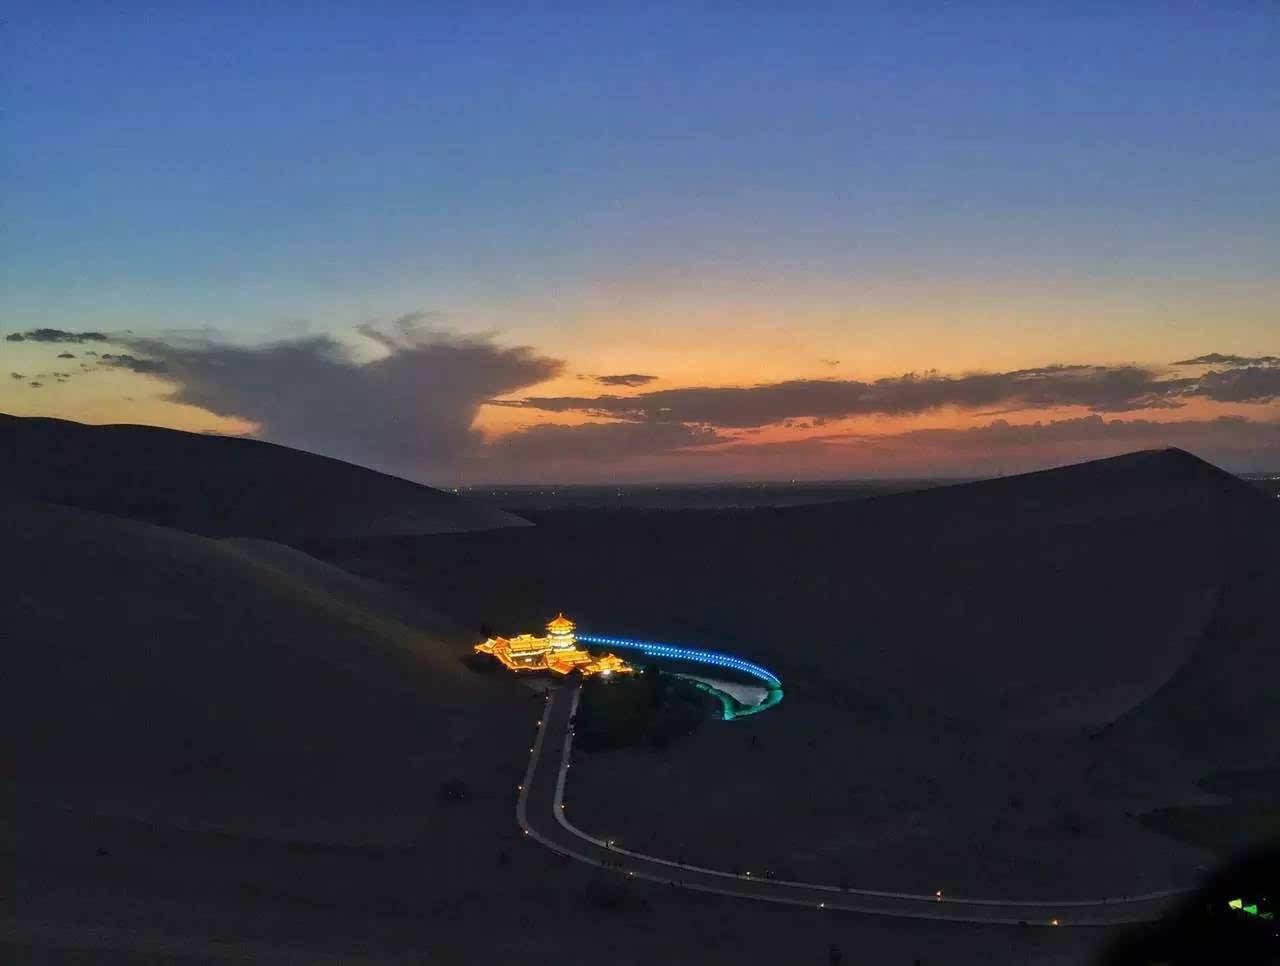 月牙泉和鸣沙山的经典景点位置拍摄图片